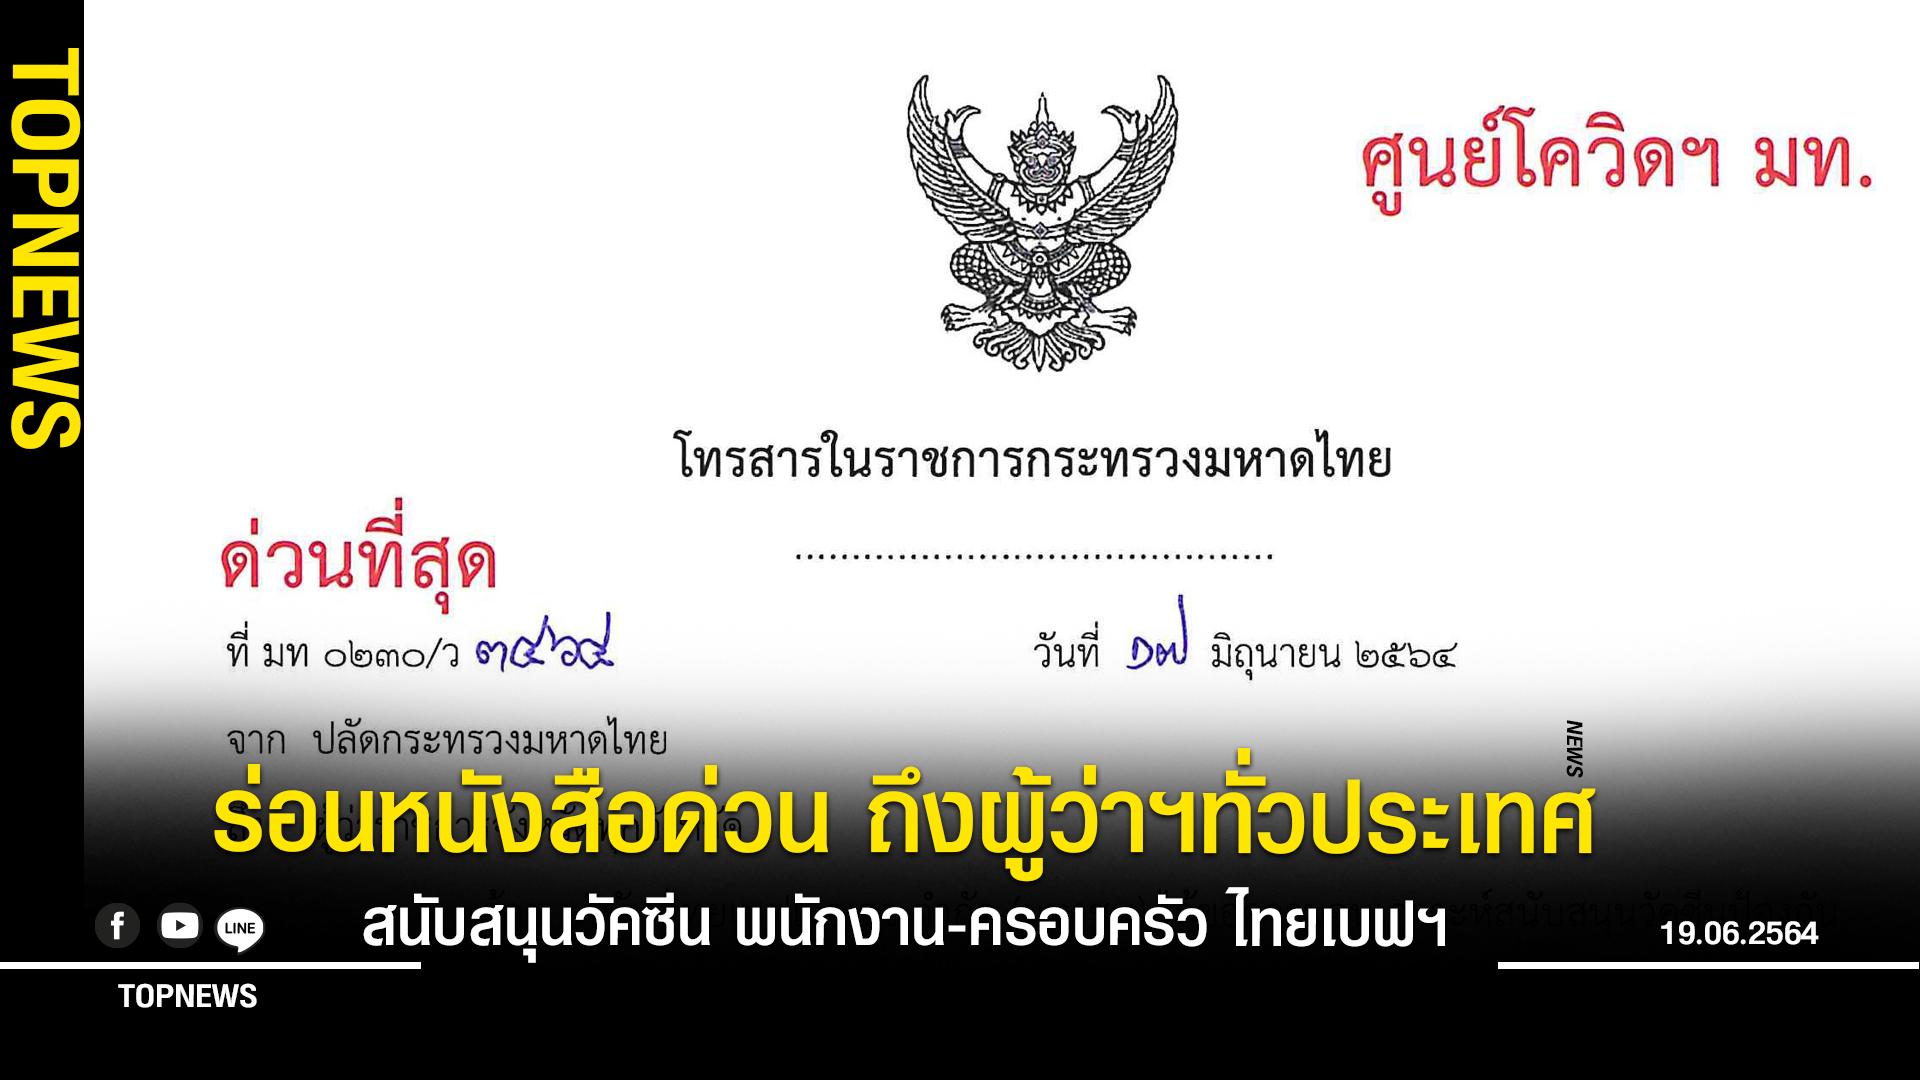 'มหาดไทย'ร่อนหนังสือด่วน ถึงผู้ว่าฯทั่วประเทศ สนับสนุนวัคซีน พนักงาน-ครอบครัว ไทยเบฟฯ